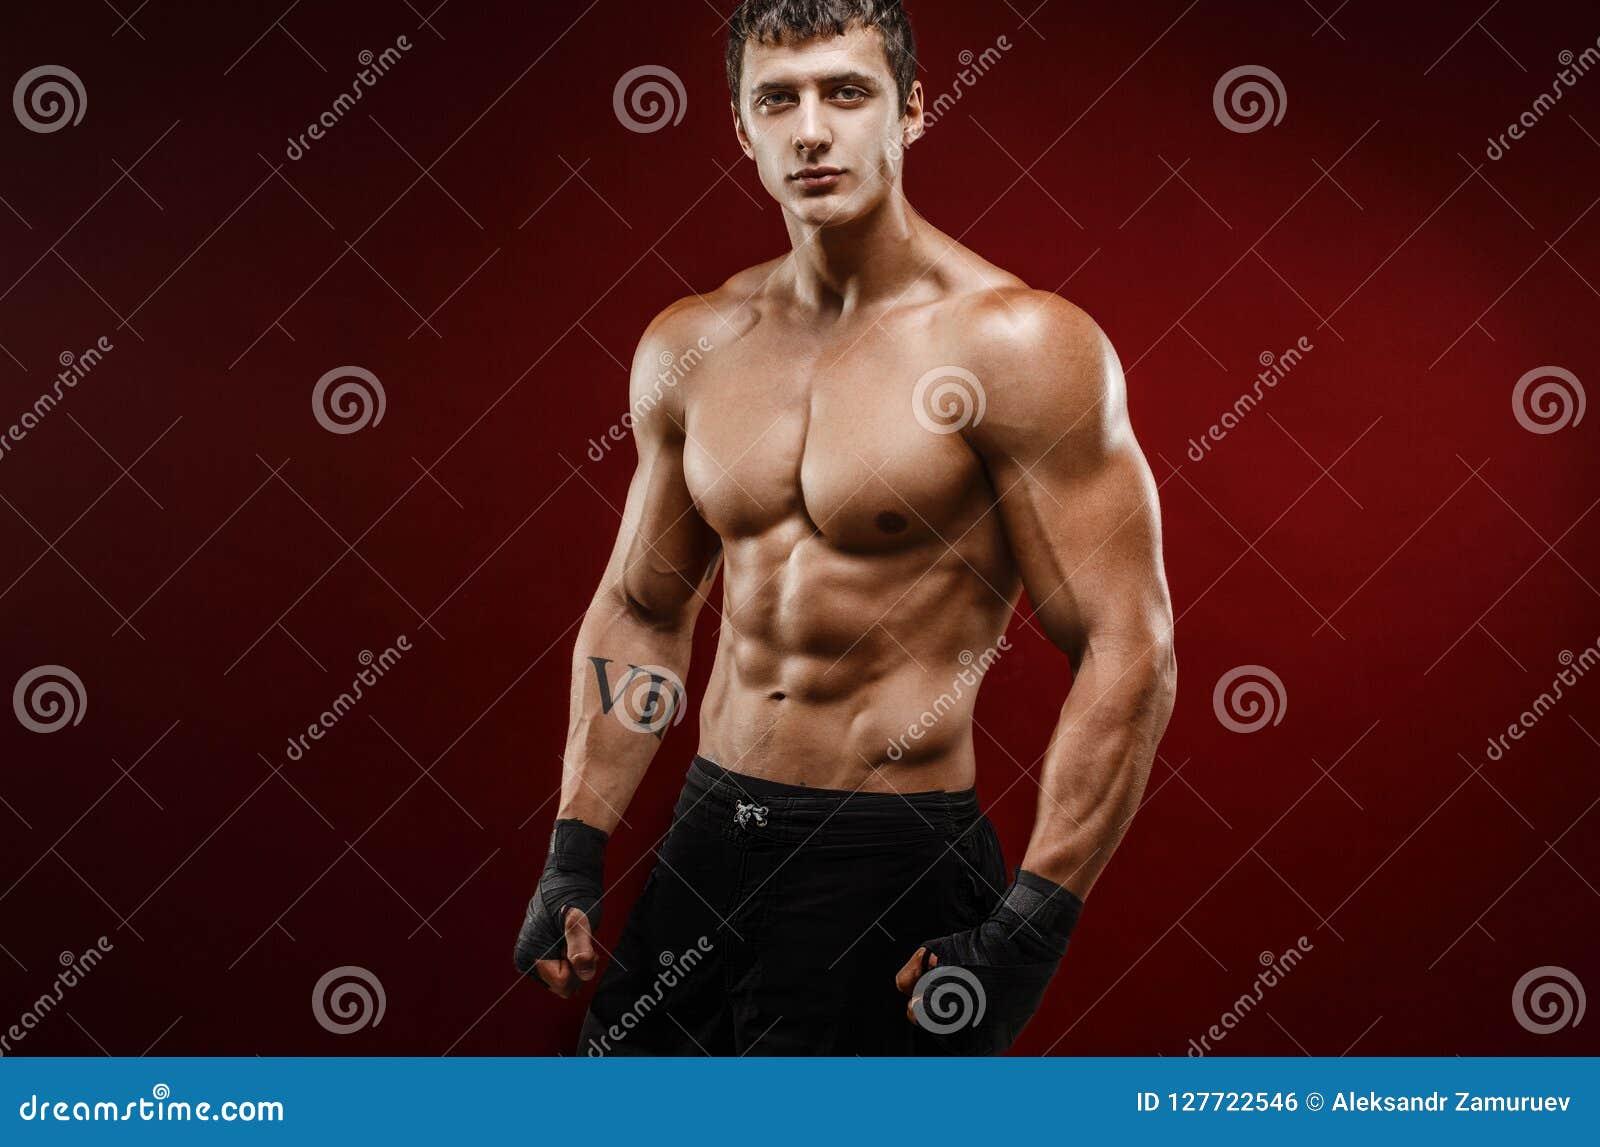 Stilig topless muskulös man i stridighethandskar